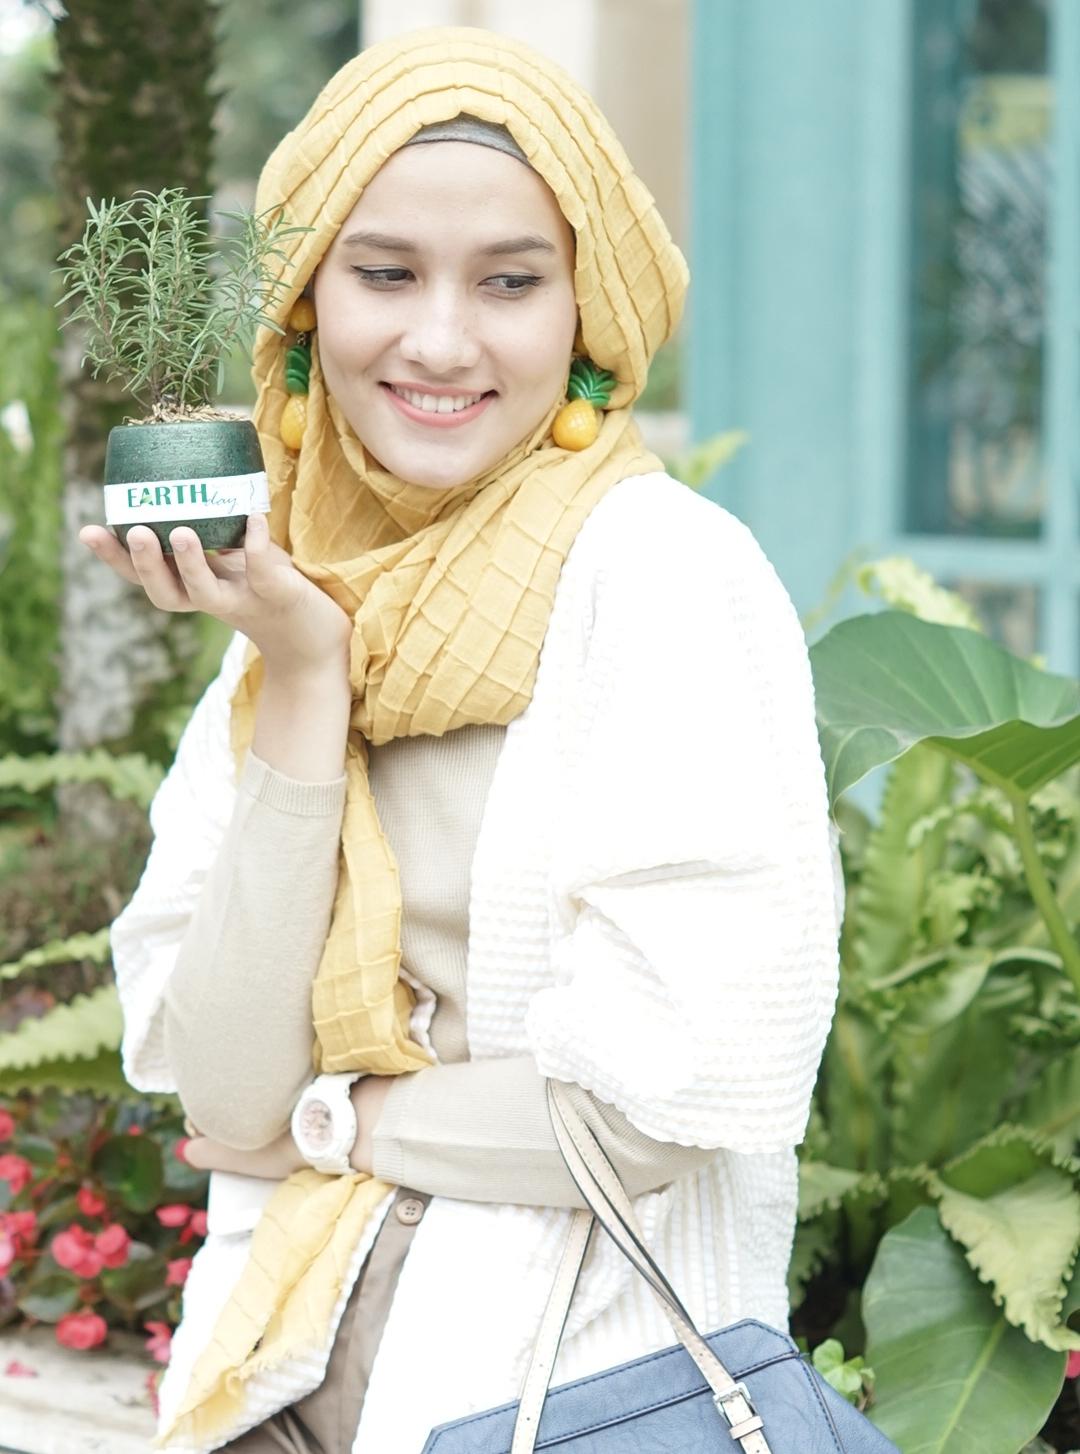 Dwi Handayani Syah Putri | Sumber : dwihandaanda.blogspot.com